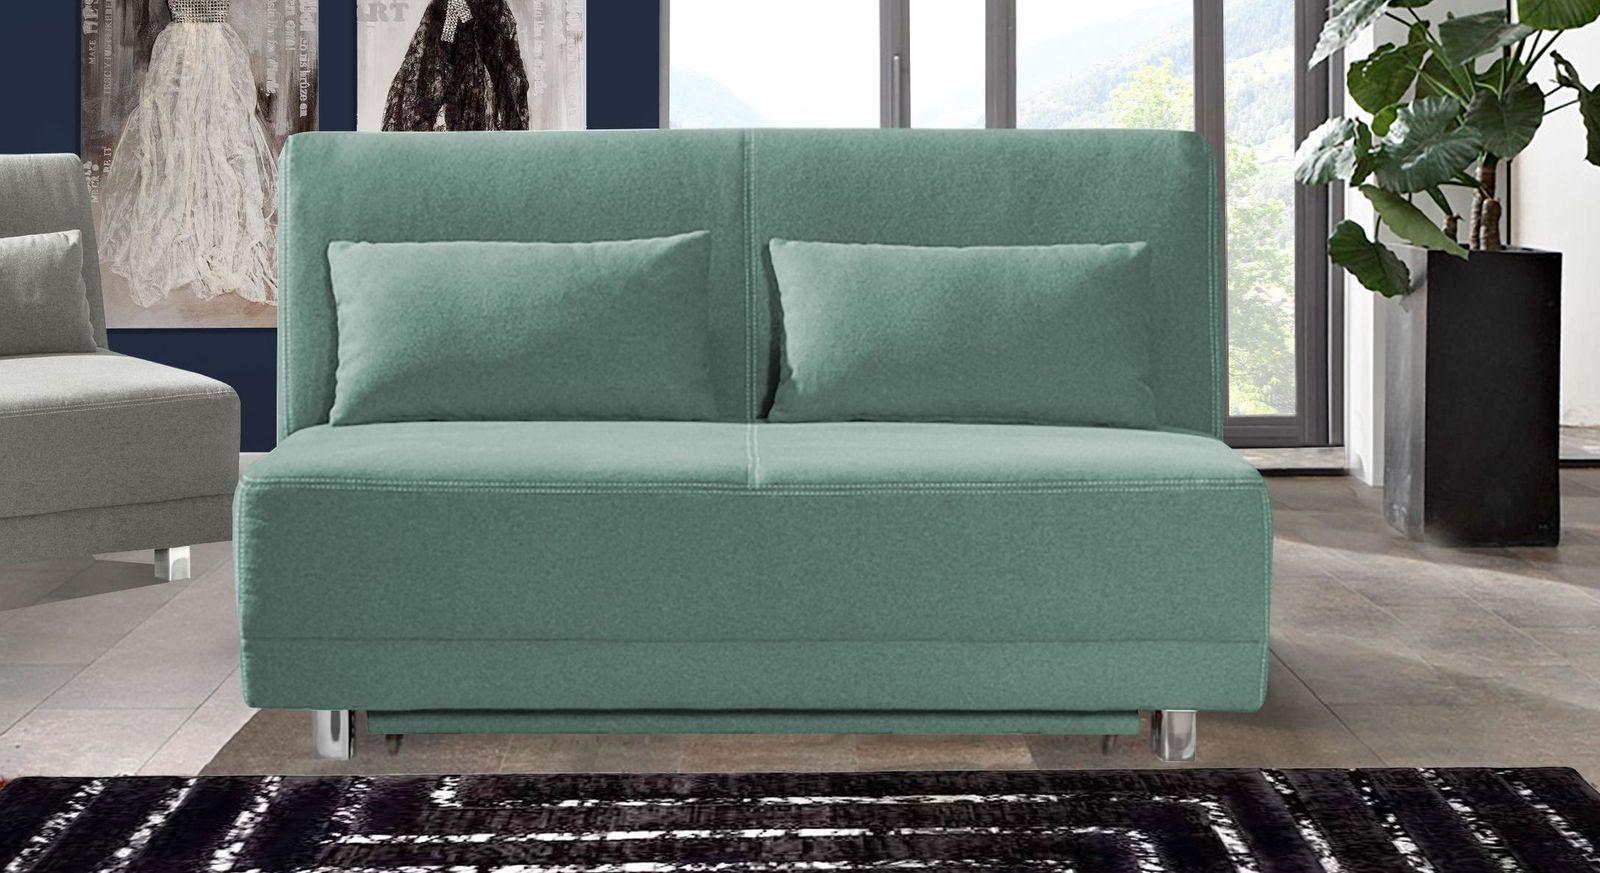 schlafsofa f r jede nacht mit gro em bettkasten. Black Bedroom Furniture Sets. Home Design Ideas